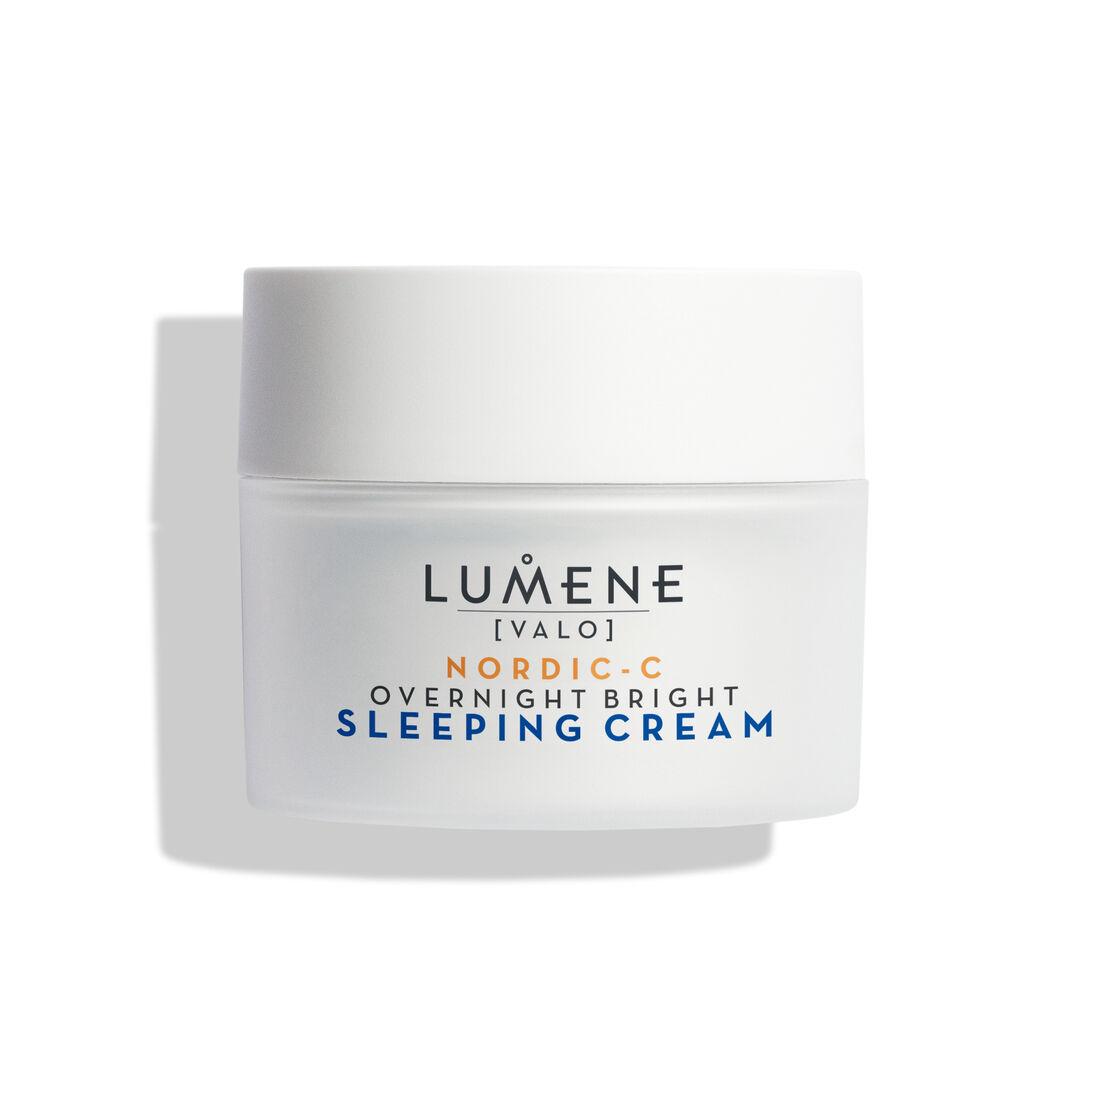 Overnight Bright Sleeping Cream